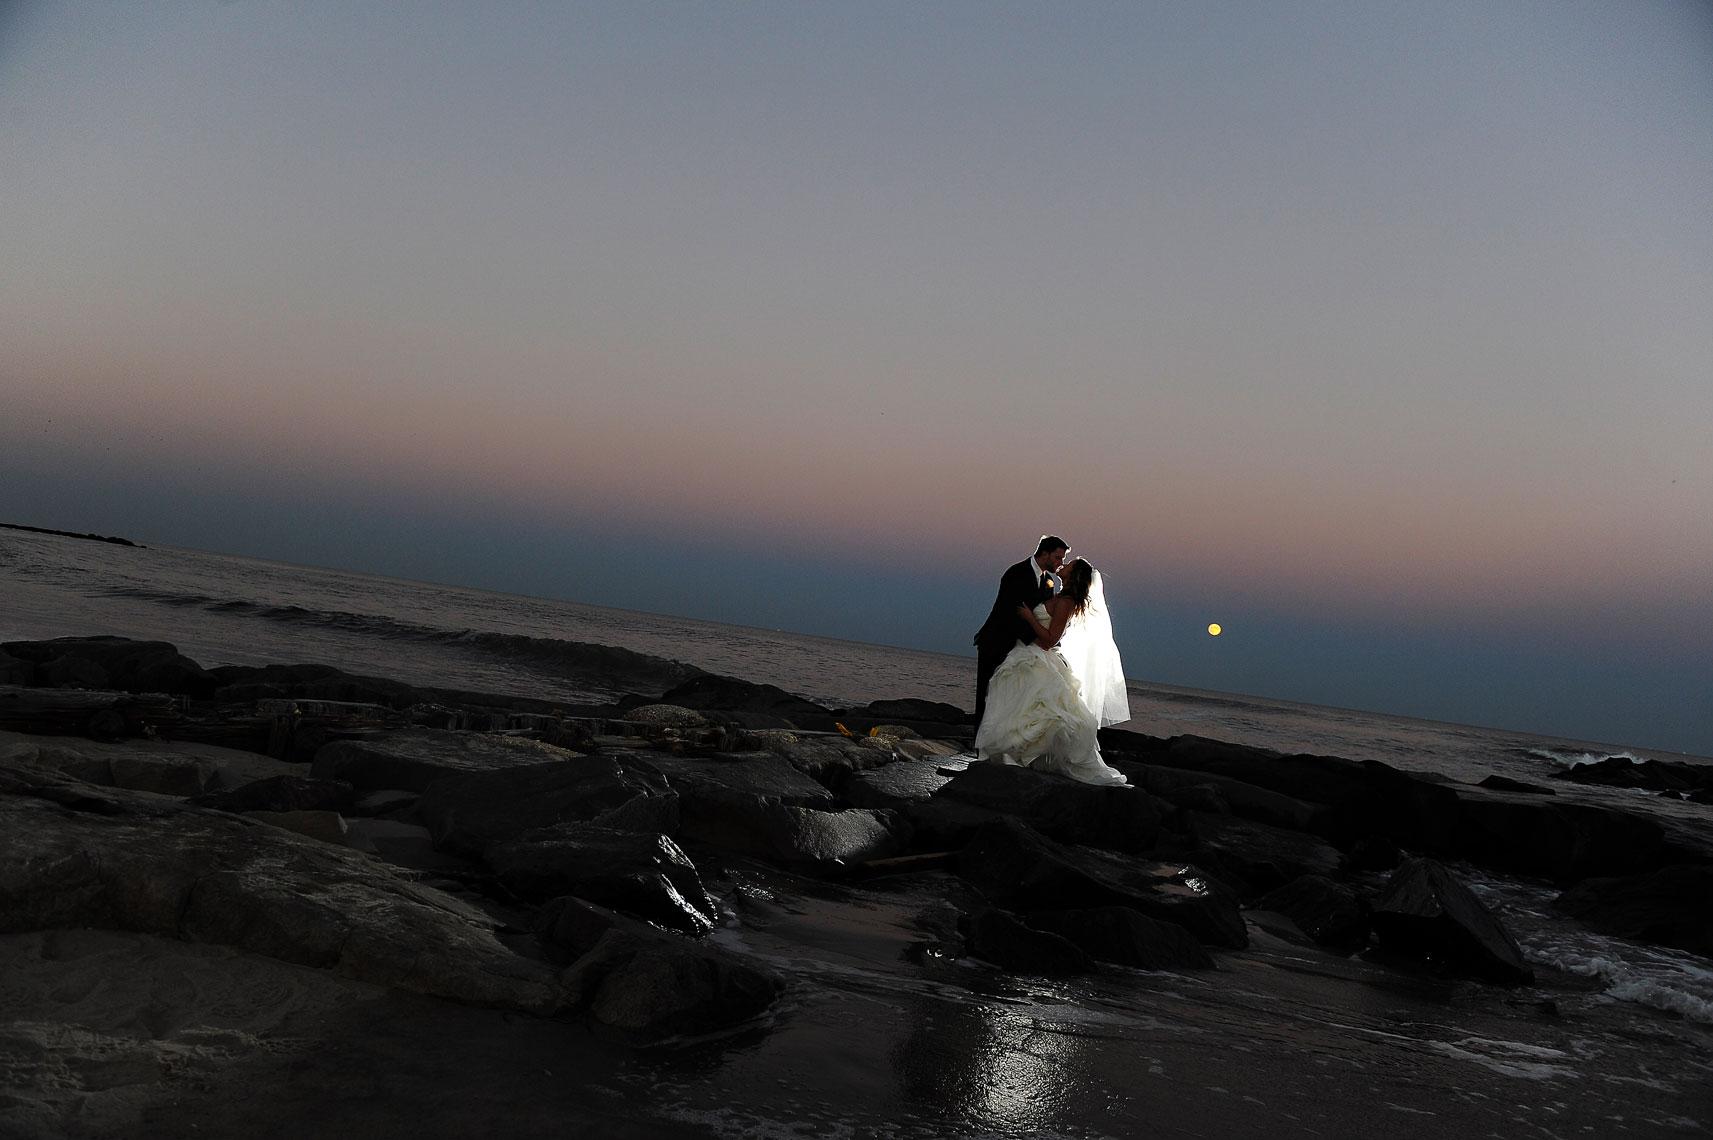 berkeleyoceanfrontwedding-103